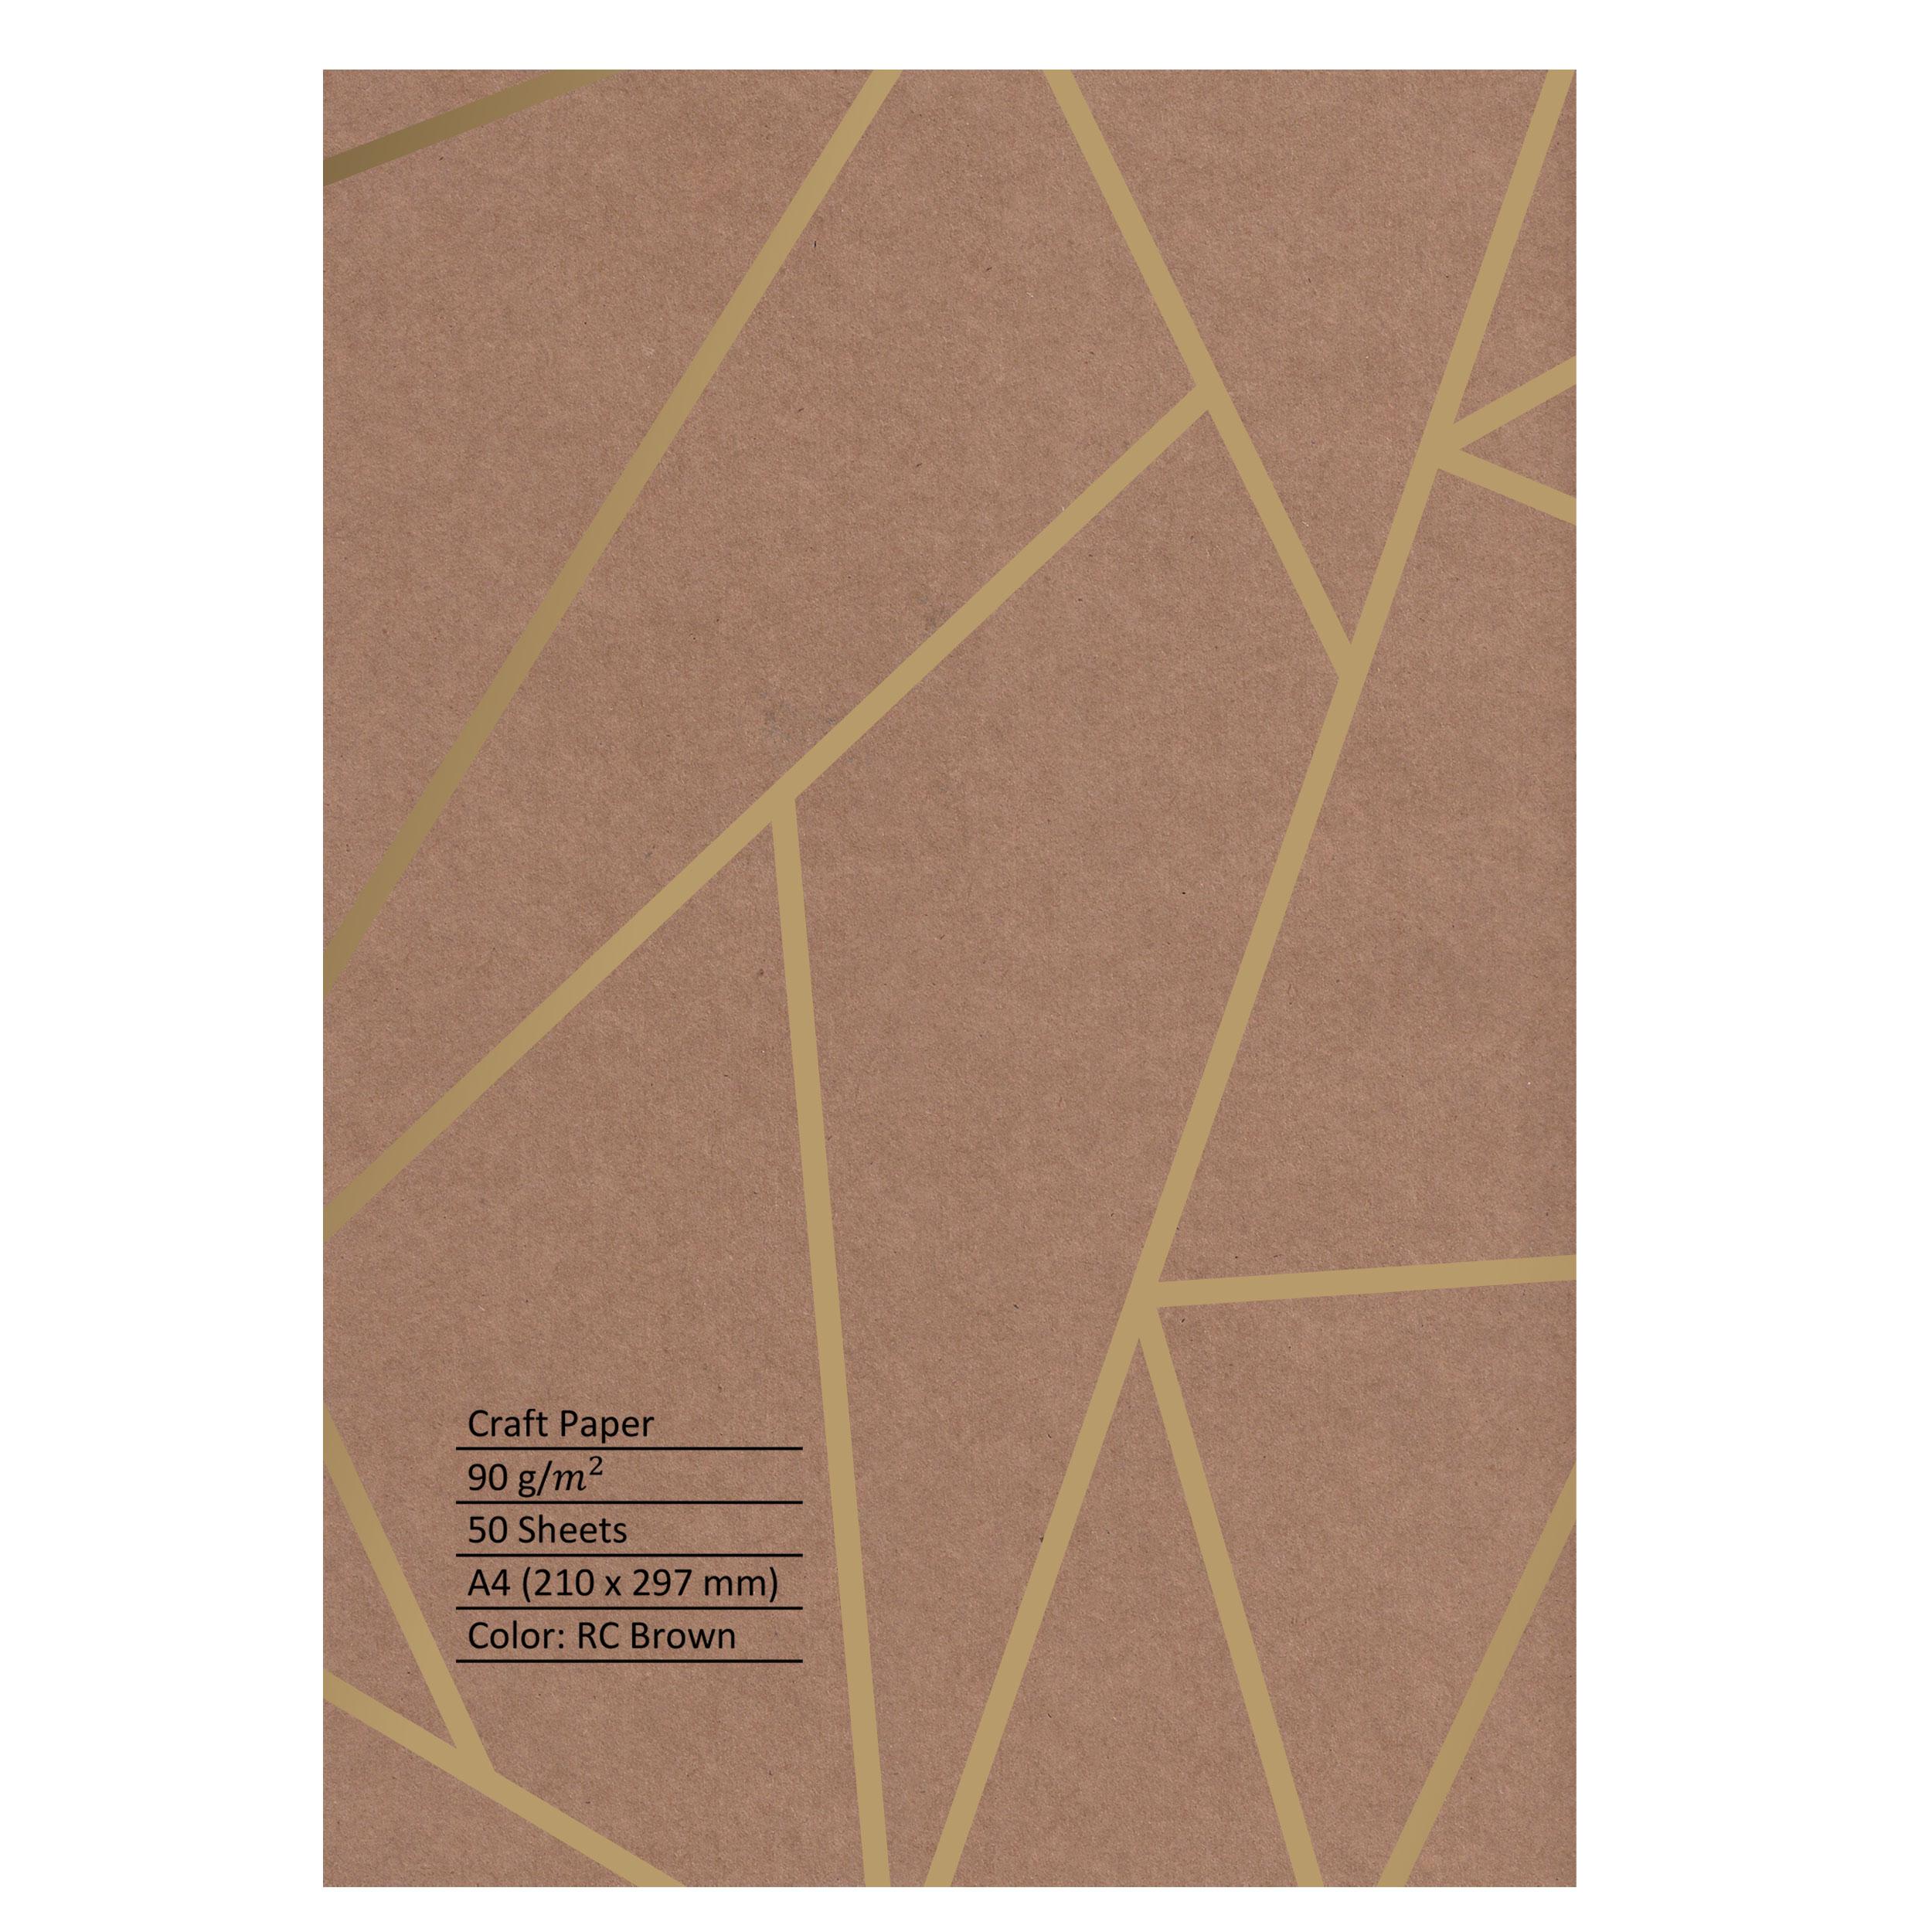 کاغذ 90 گرمی کرافت مدل u90 سایز A4 بسته 50 عددی